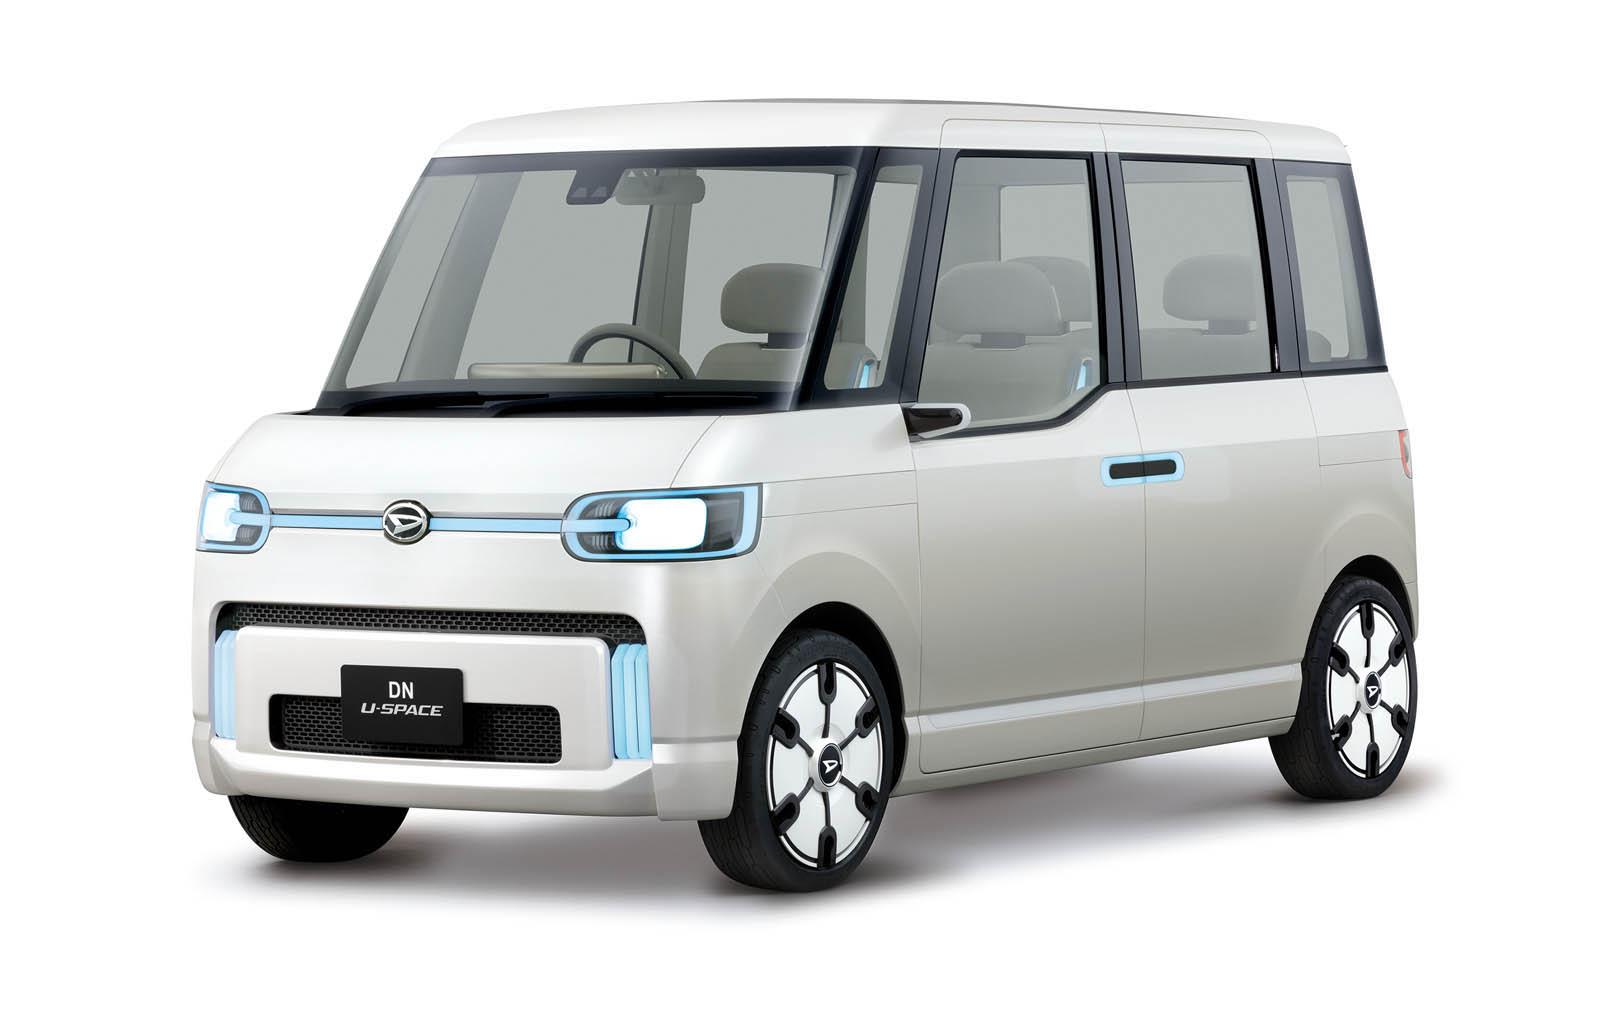 daihatsu-concepts-tokyo-motorshow_171006020 copy